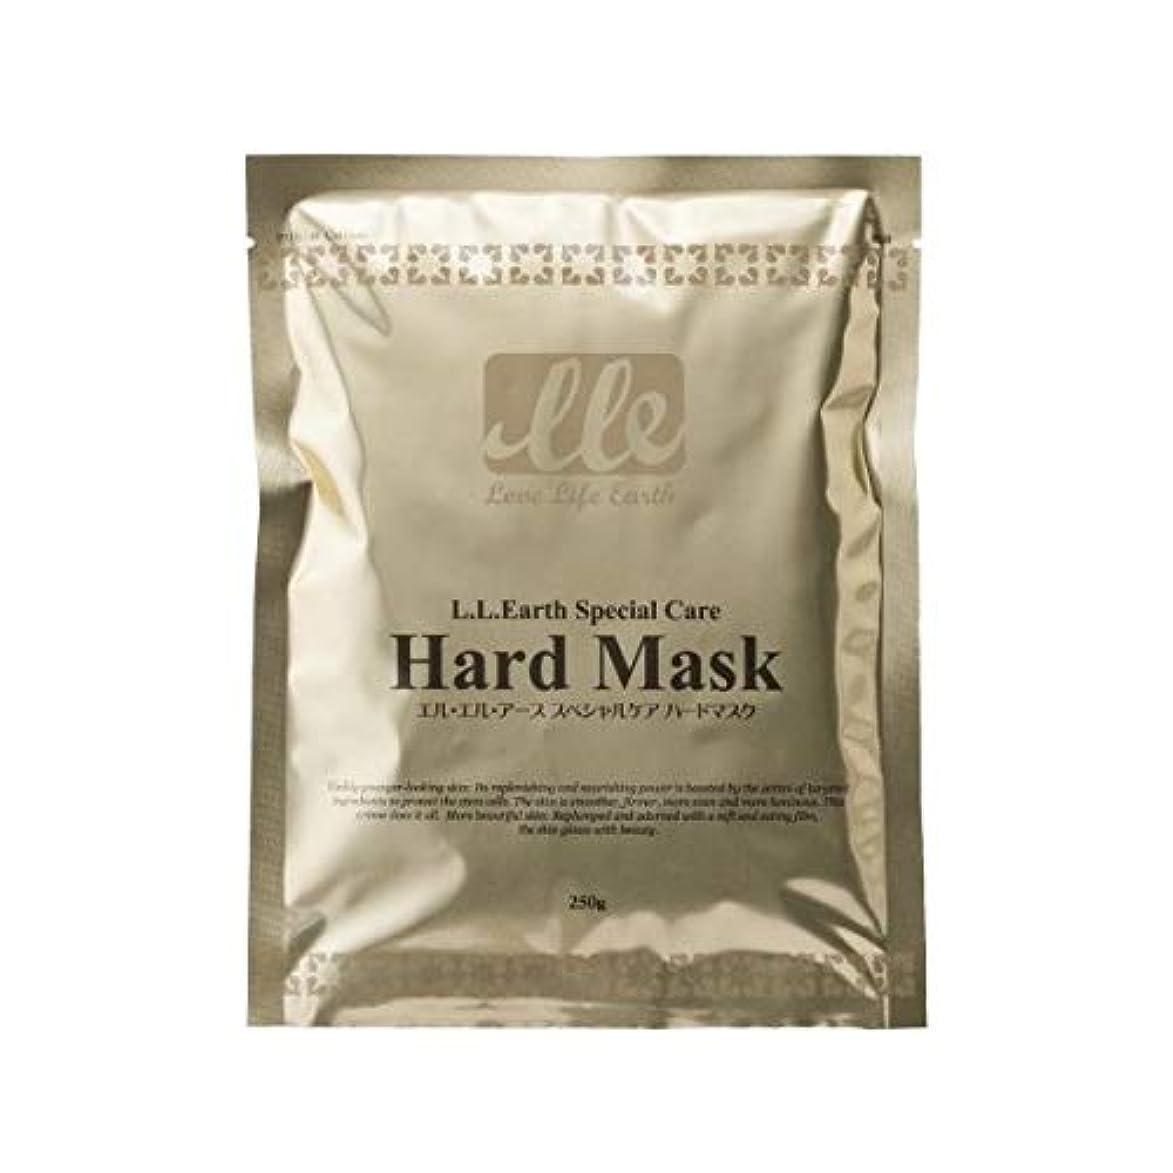 提案する優れましたベスビオ山LLE ハードマスク 業務用 250g×5 石膏パック フェイスパック パック エステ用品